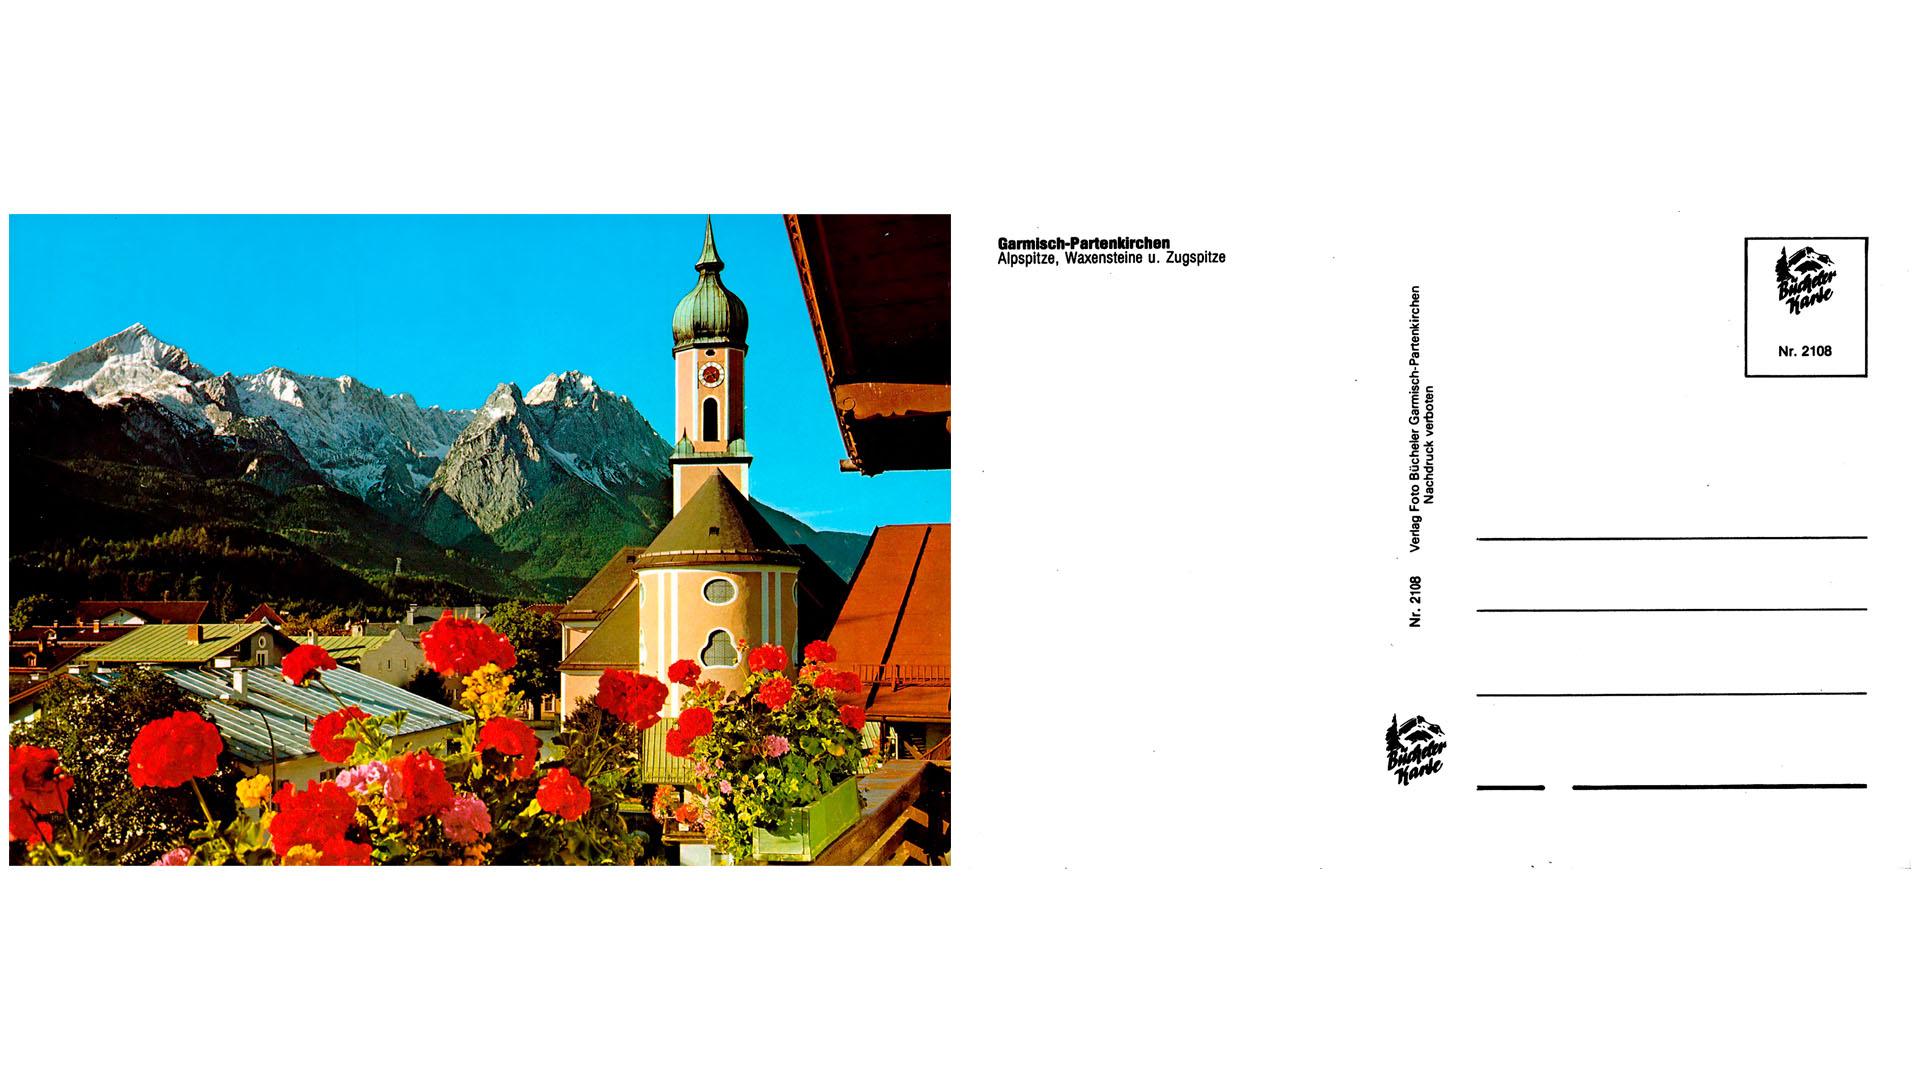 Garmisch-Partenkirchen - Alpspitze - Waxensteine - Zugspitze